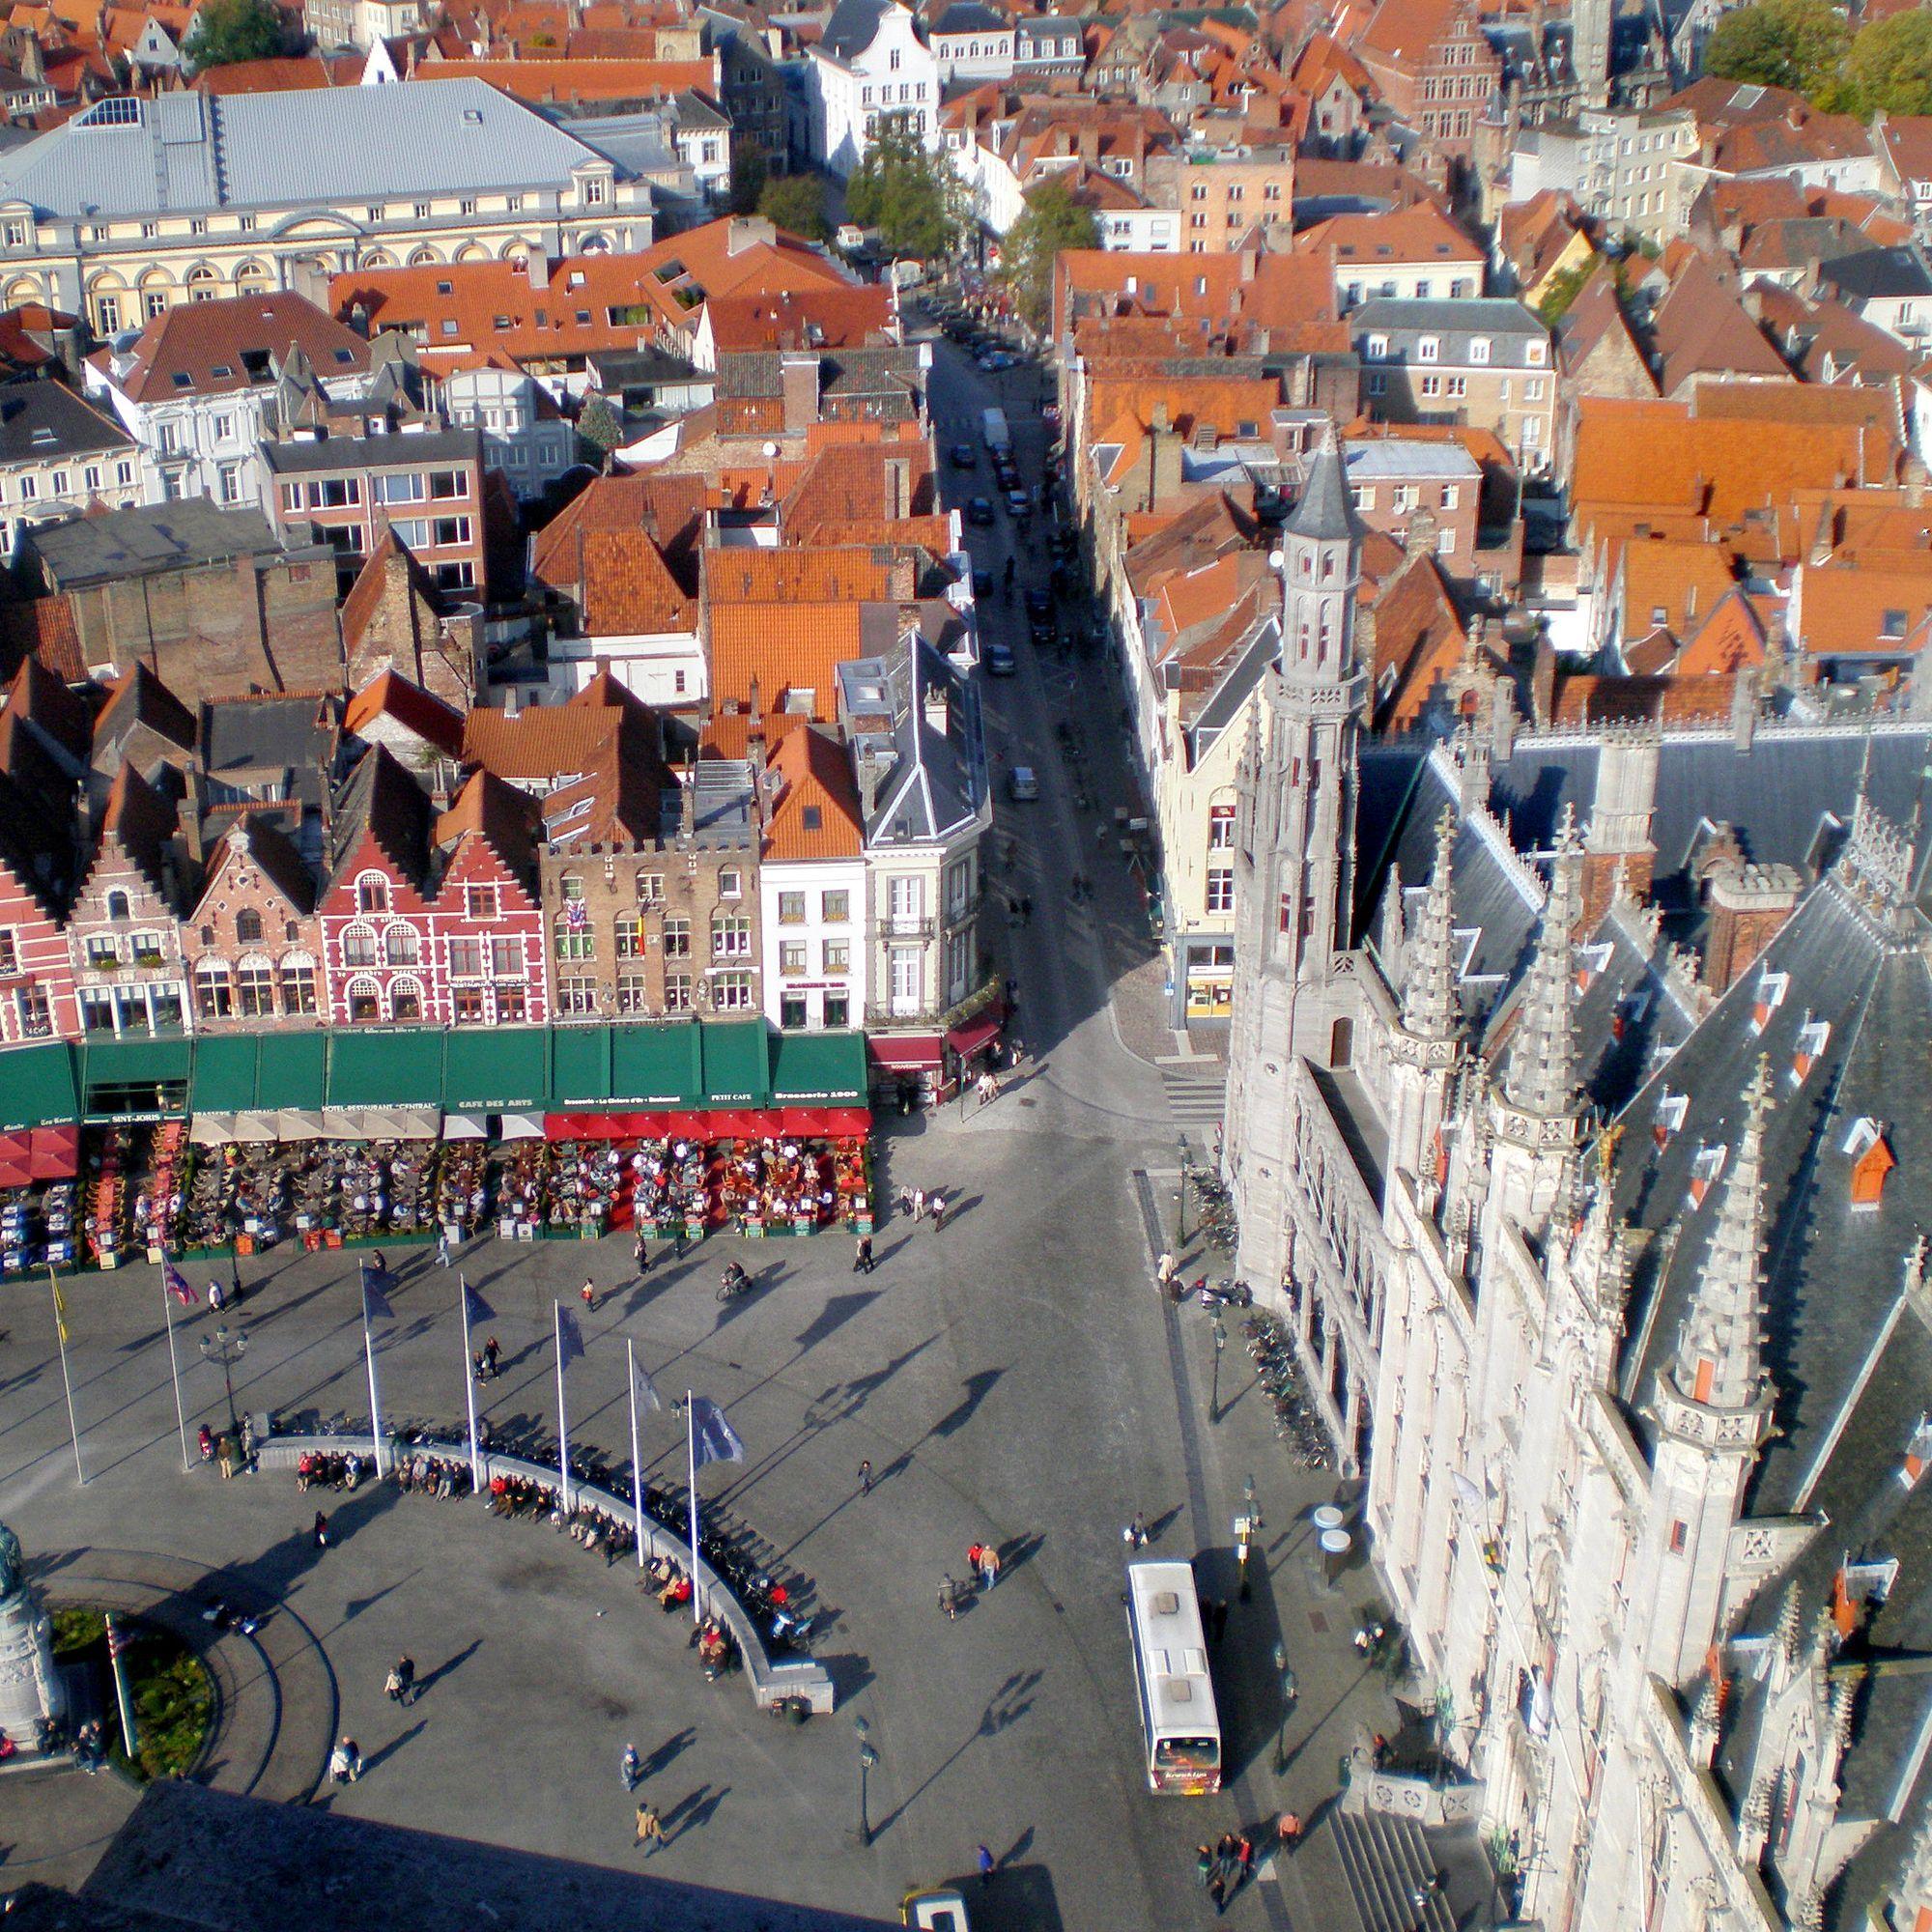 ساحة السوق بروج بلجيكا